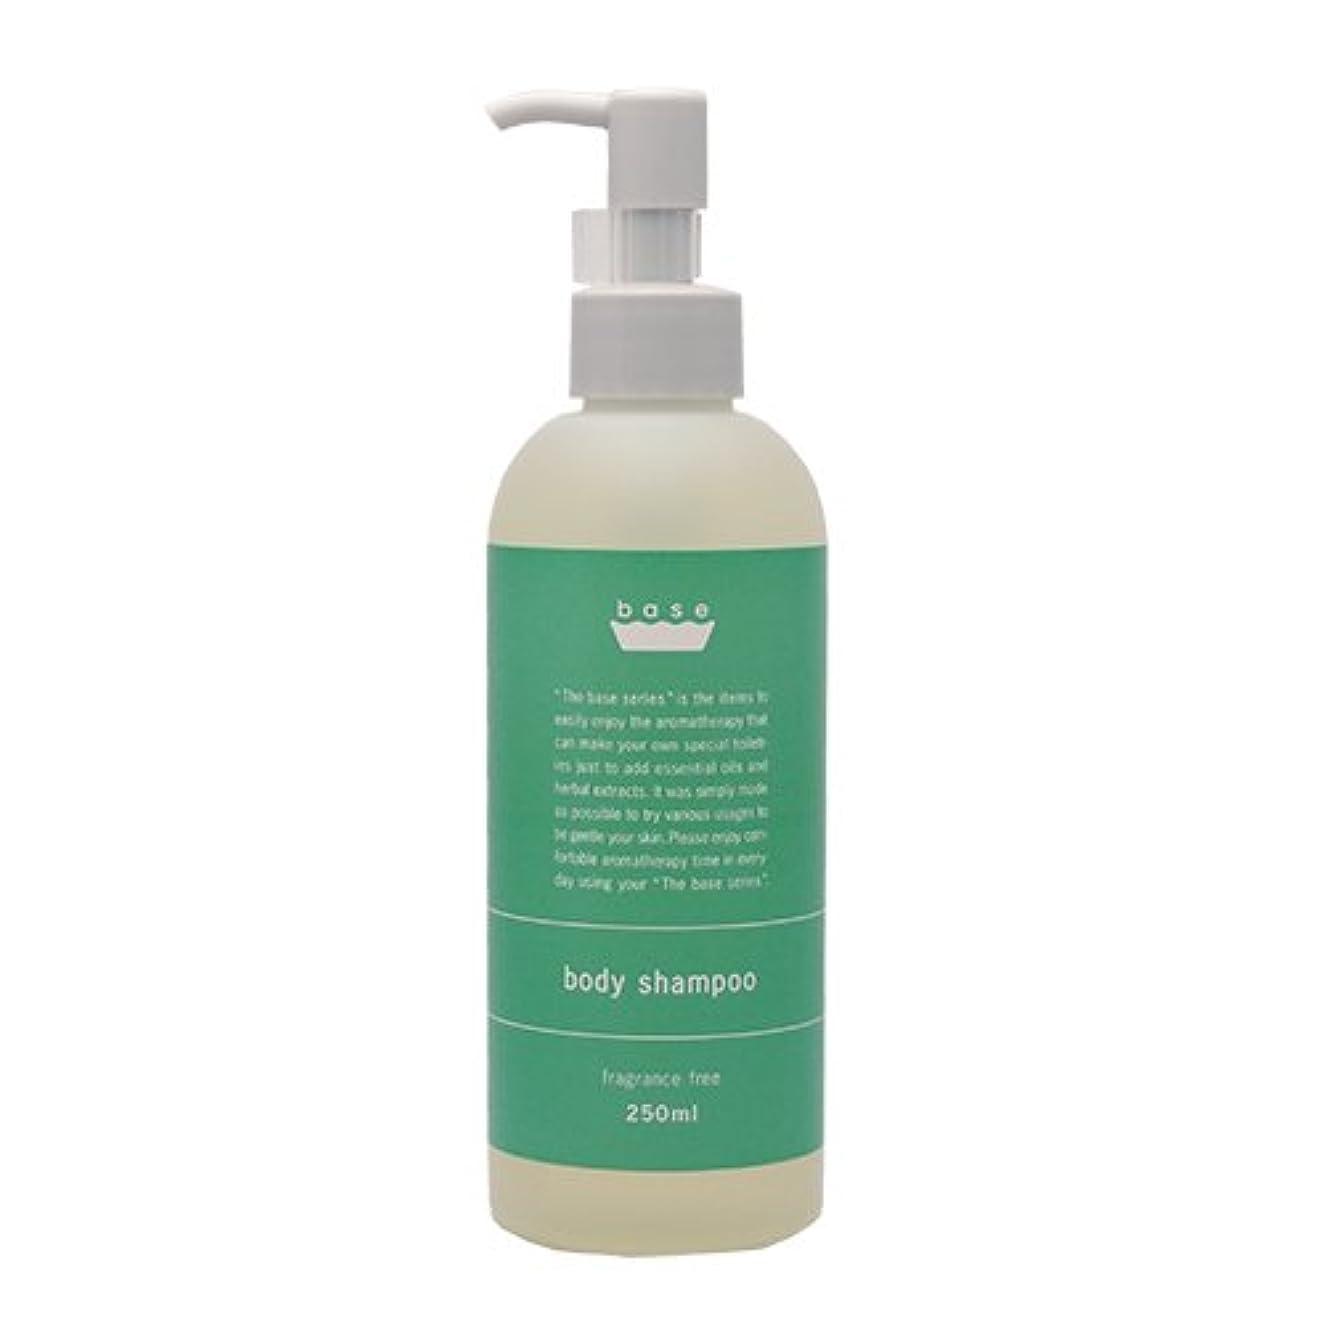 冬追跡胸フレーバーライフ base body shampoo(ボディーシャンプー)250ml